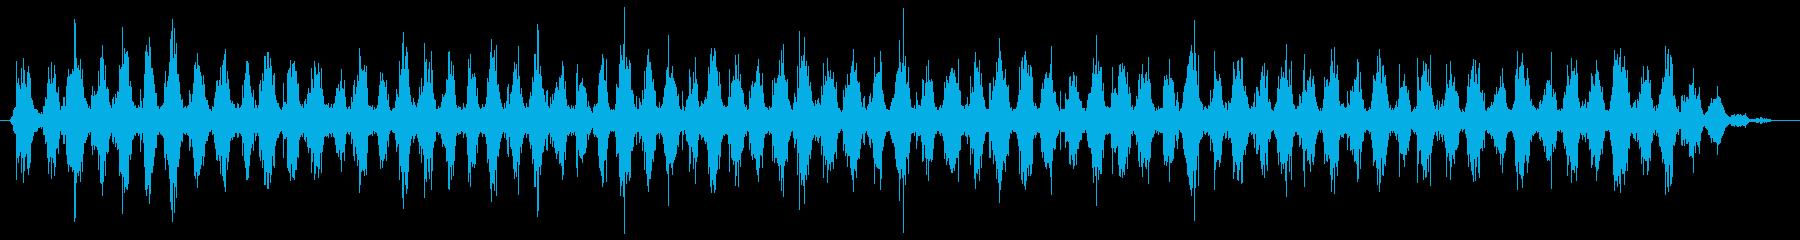 歯磨きする音 素早め(シャカシャカ…)の再生済みの波形